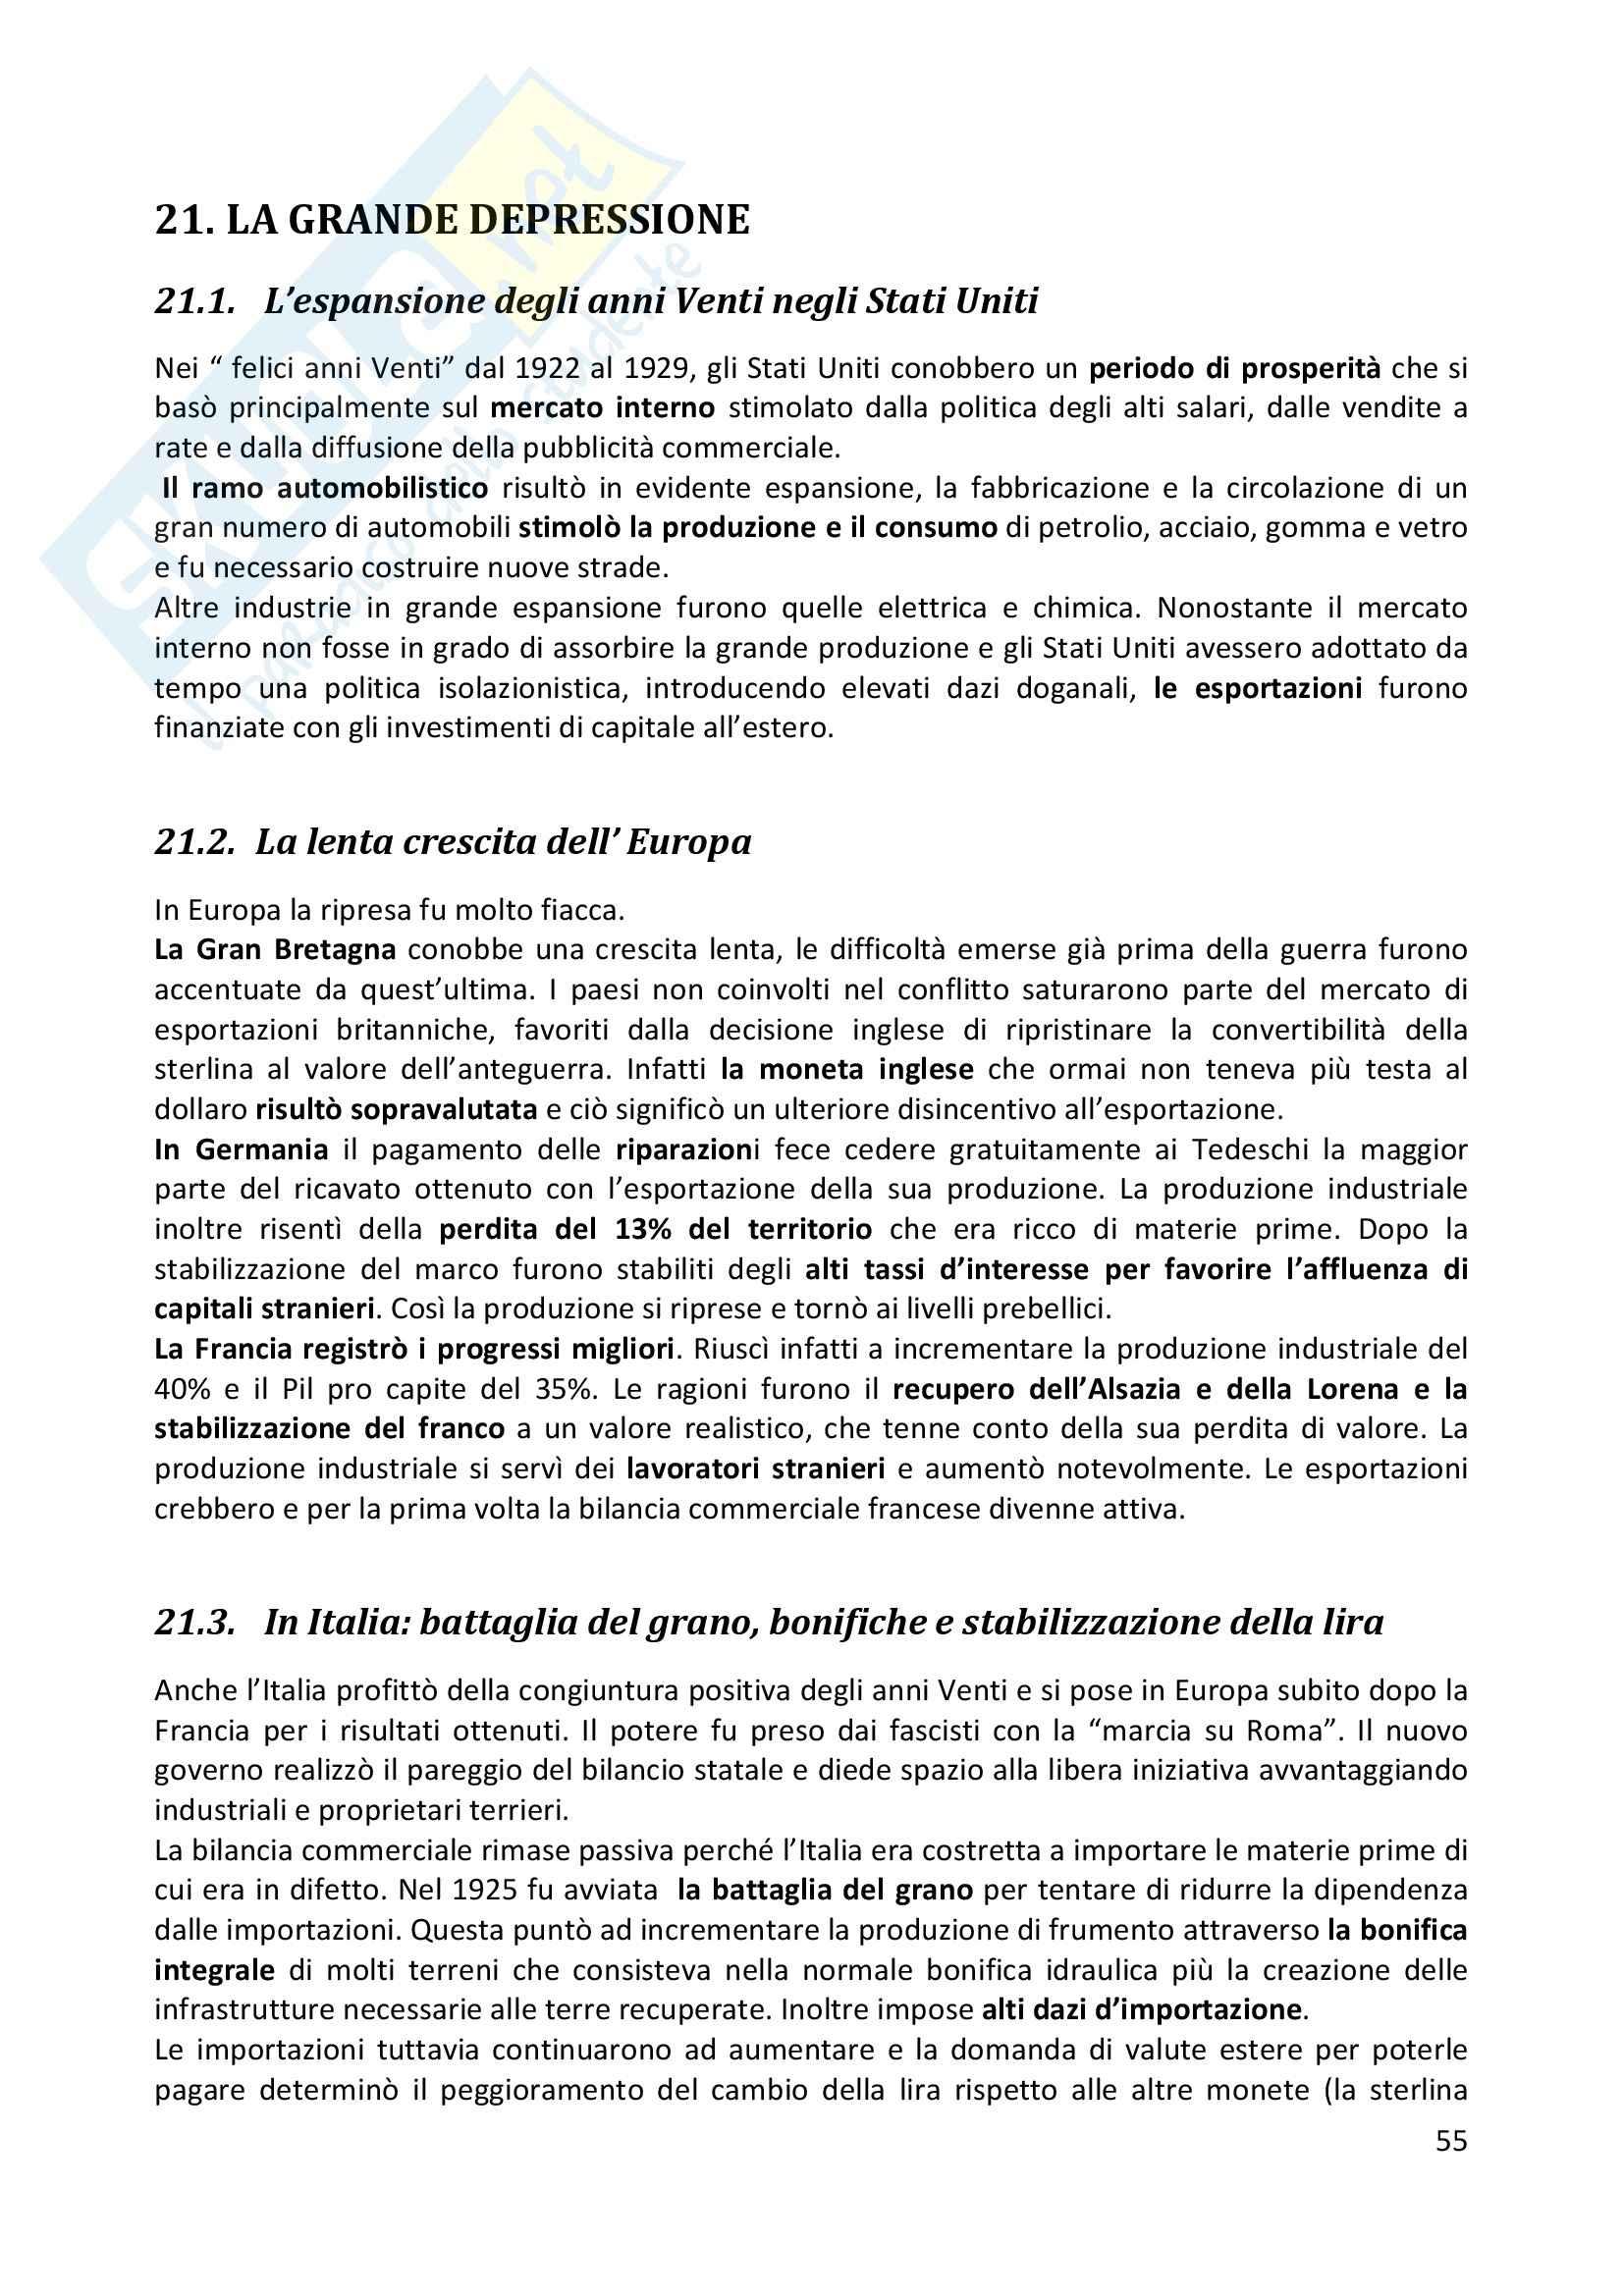 Riassunto esame completo per paragrafi- Storia Economica De Simone, prof. Di Taranto Pag. 56